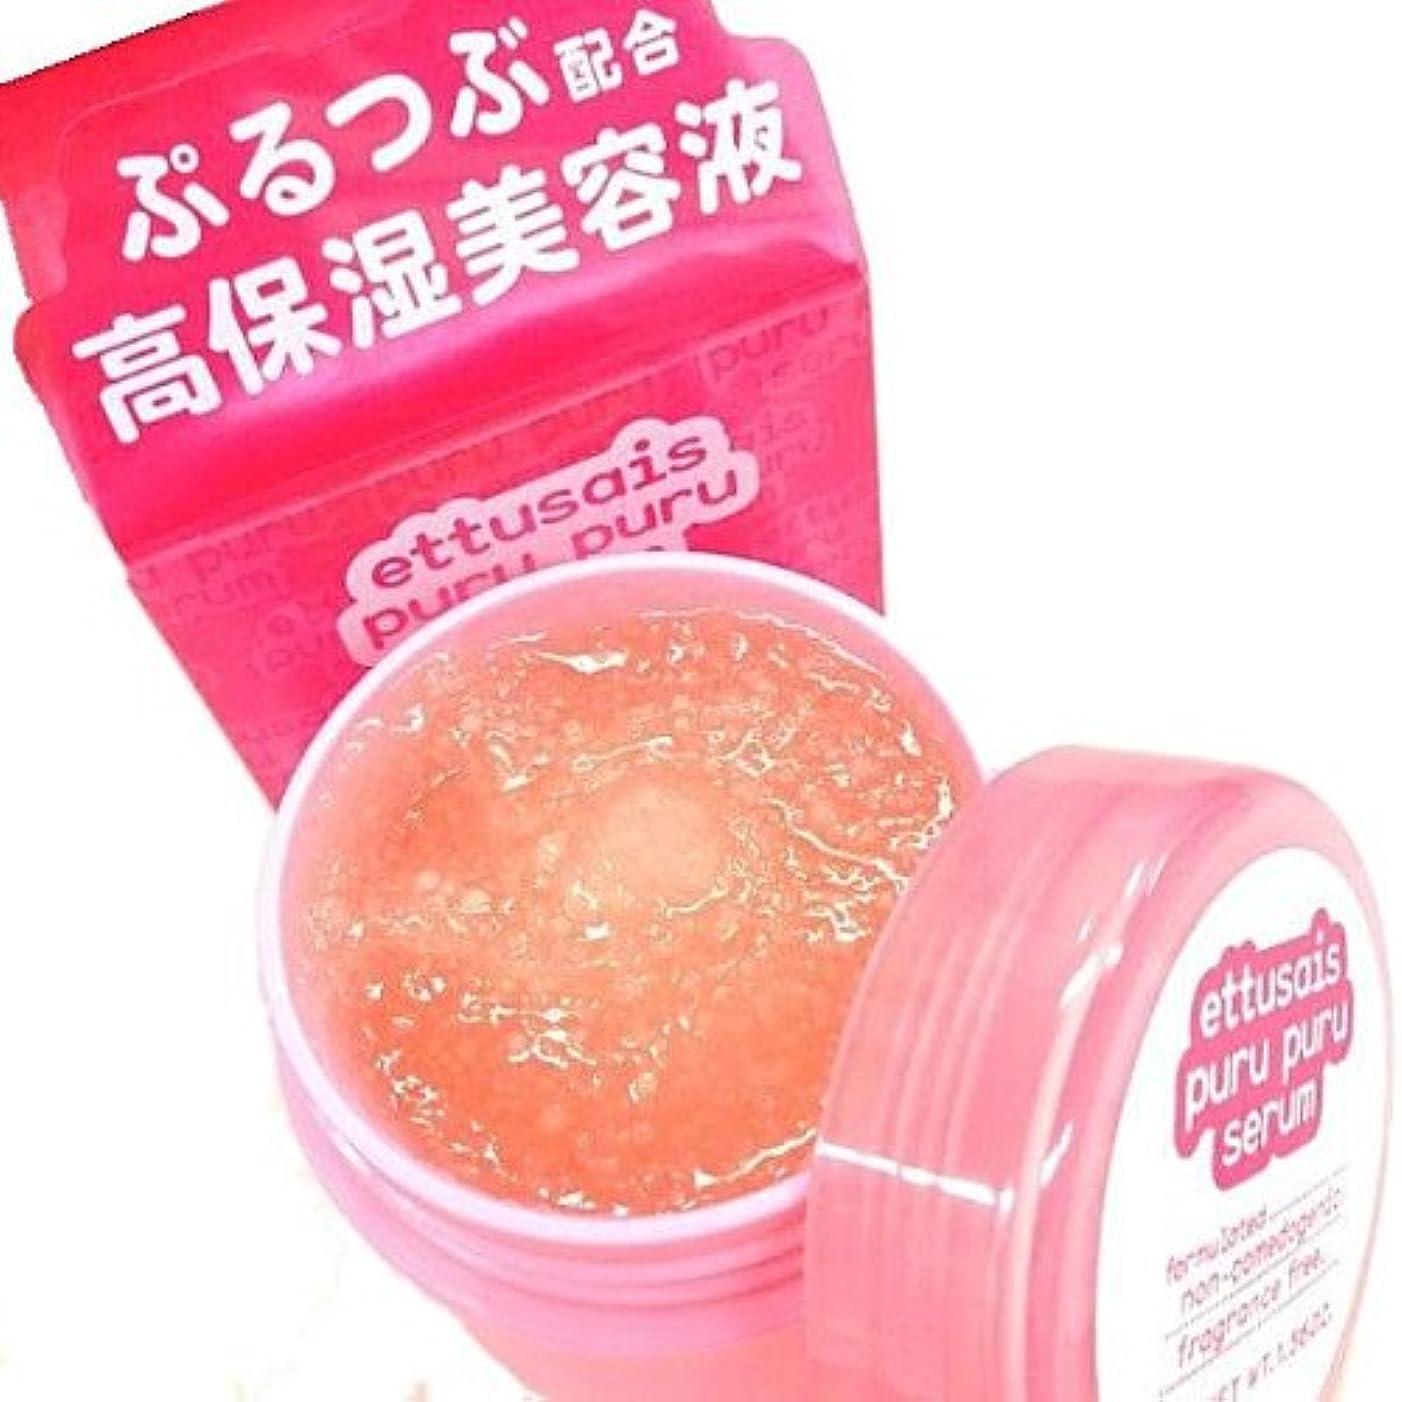 統治可能リブブラウンエテュセ ぷるつぶセラム 47g(濃厚保湿美容液)